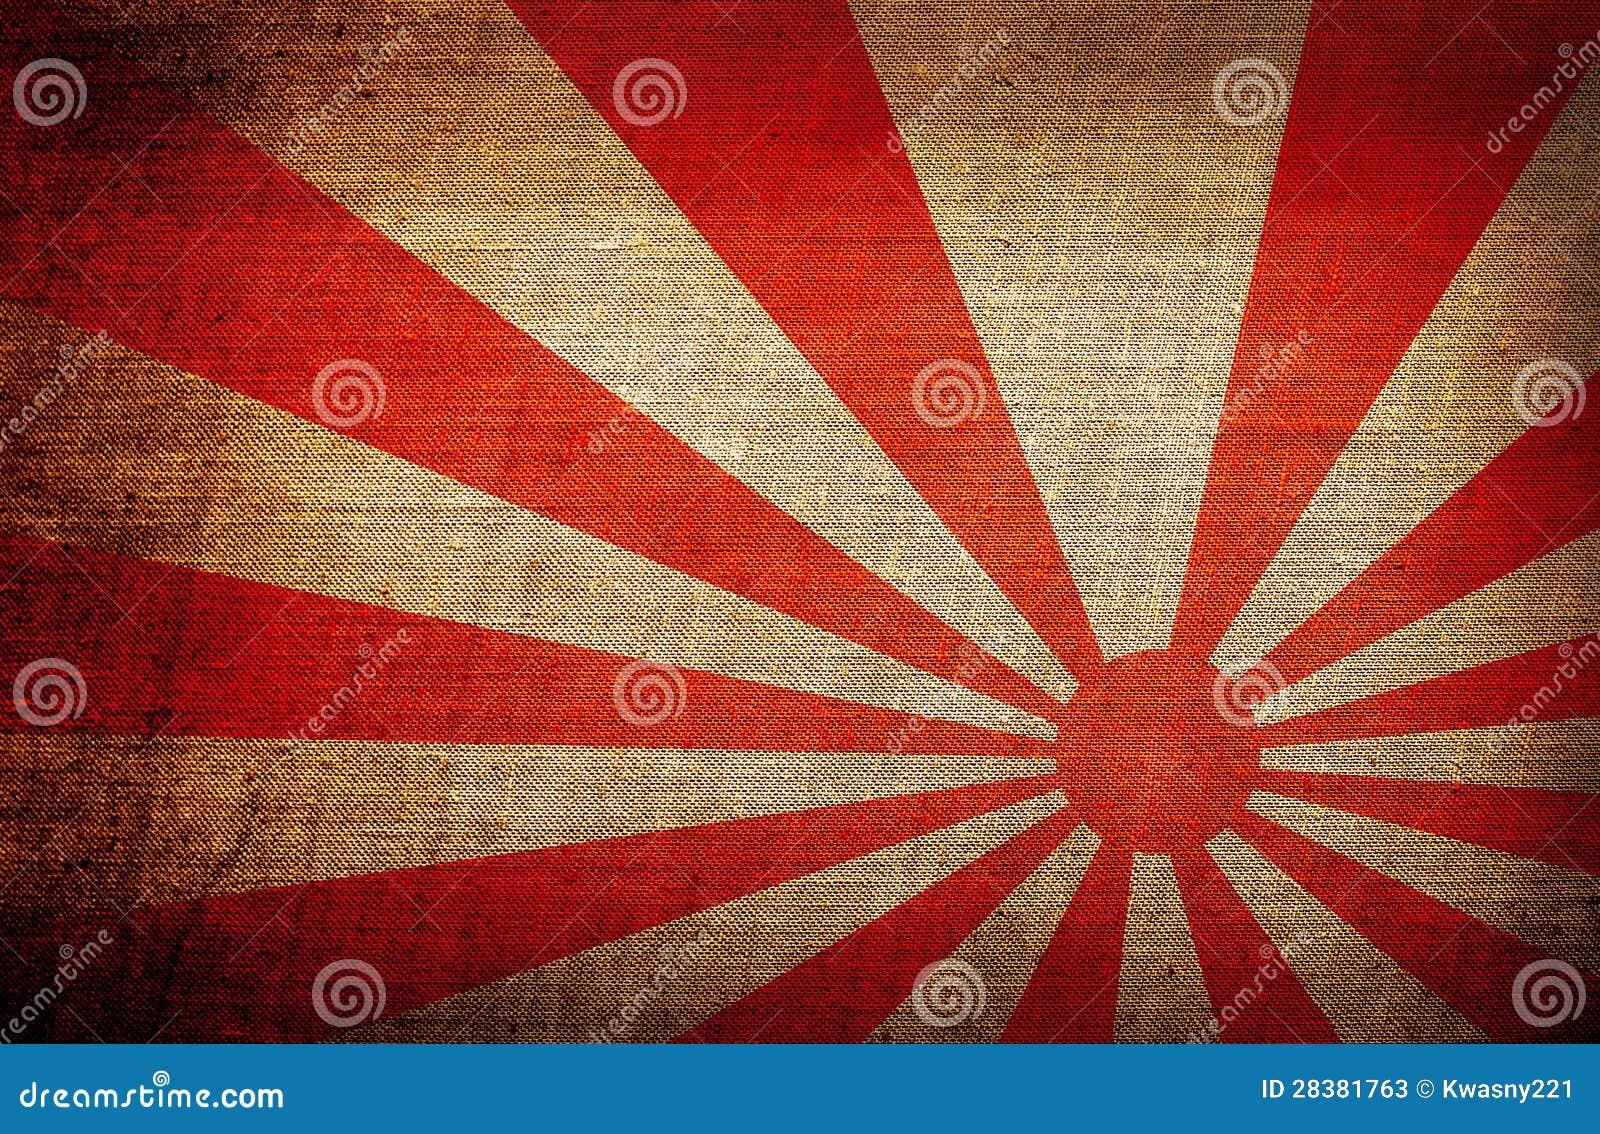 drapeau de soleil levant japon illustration stock illustration du rouge illustration 28381763. Black Bedroom Furniture Sets. Home Design Ideas